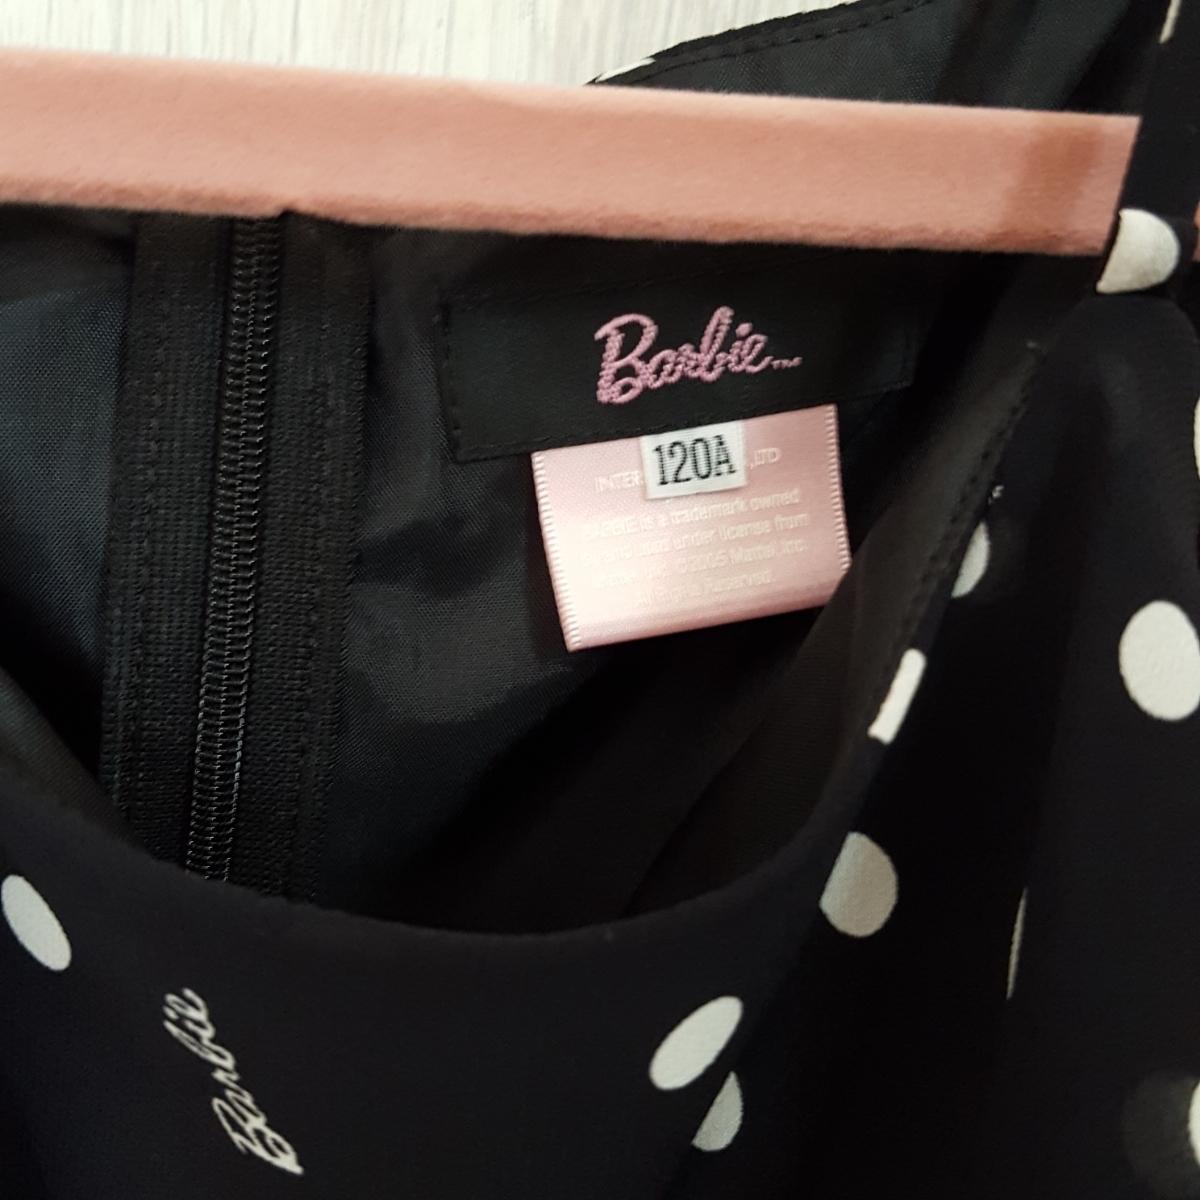 Barbie バービー シフォンワンピース フォーマルにも 120 超美品_画像5